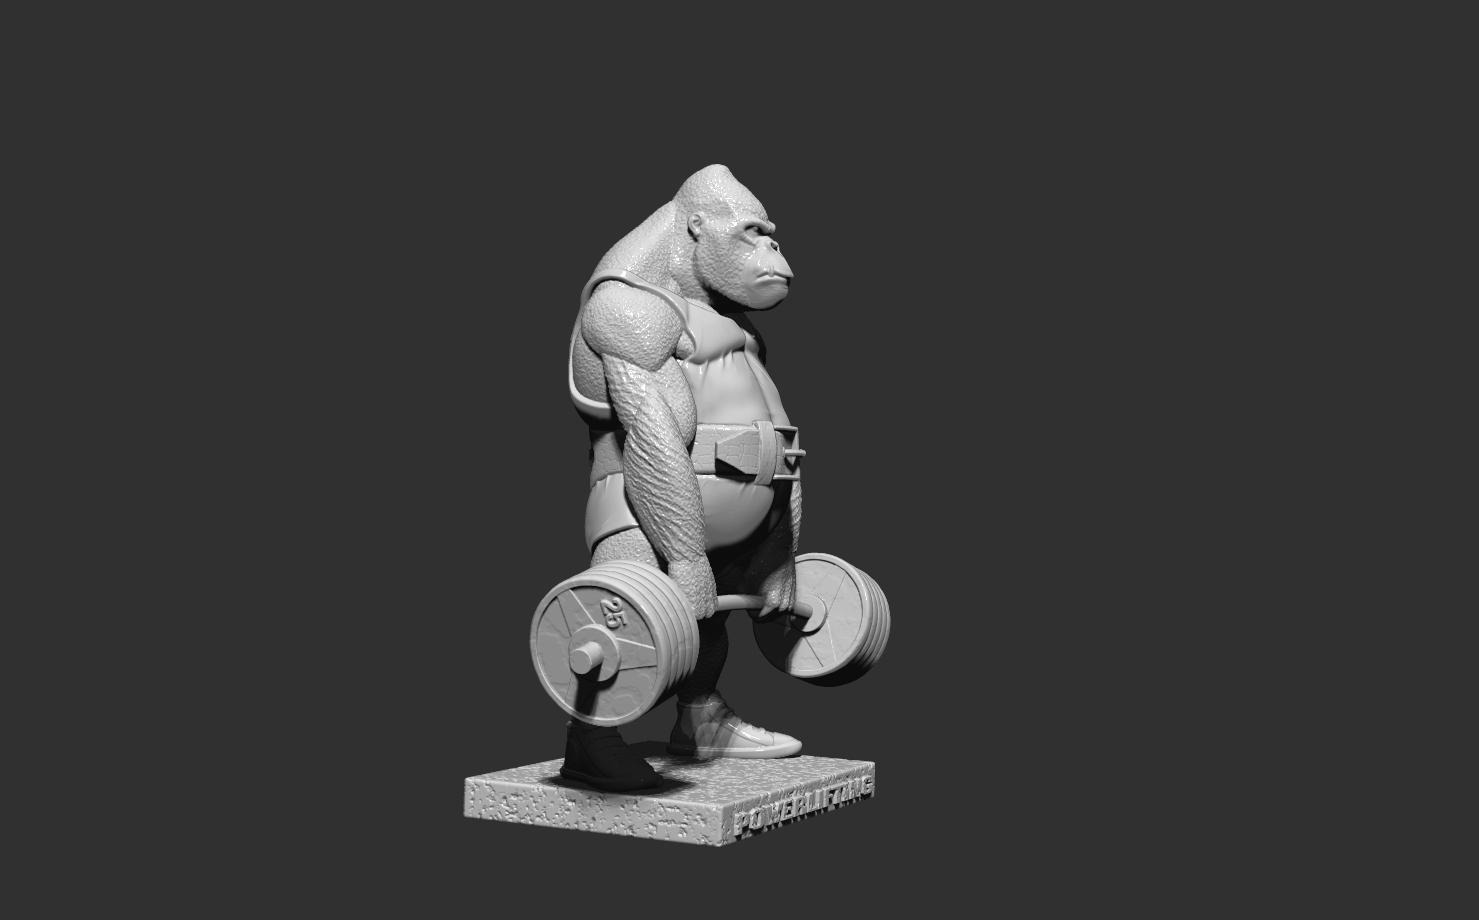 ZBrush Document5.jpg Télécharger fichier STL gorille • Objet imprimable en 3D, dimka134russ